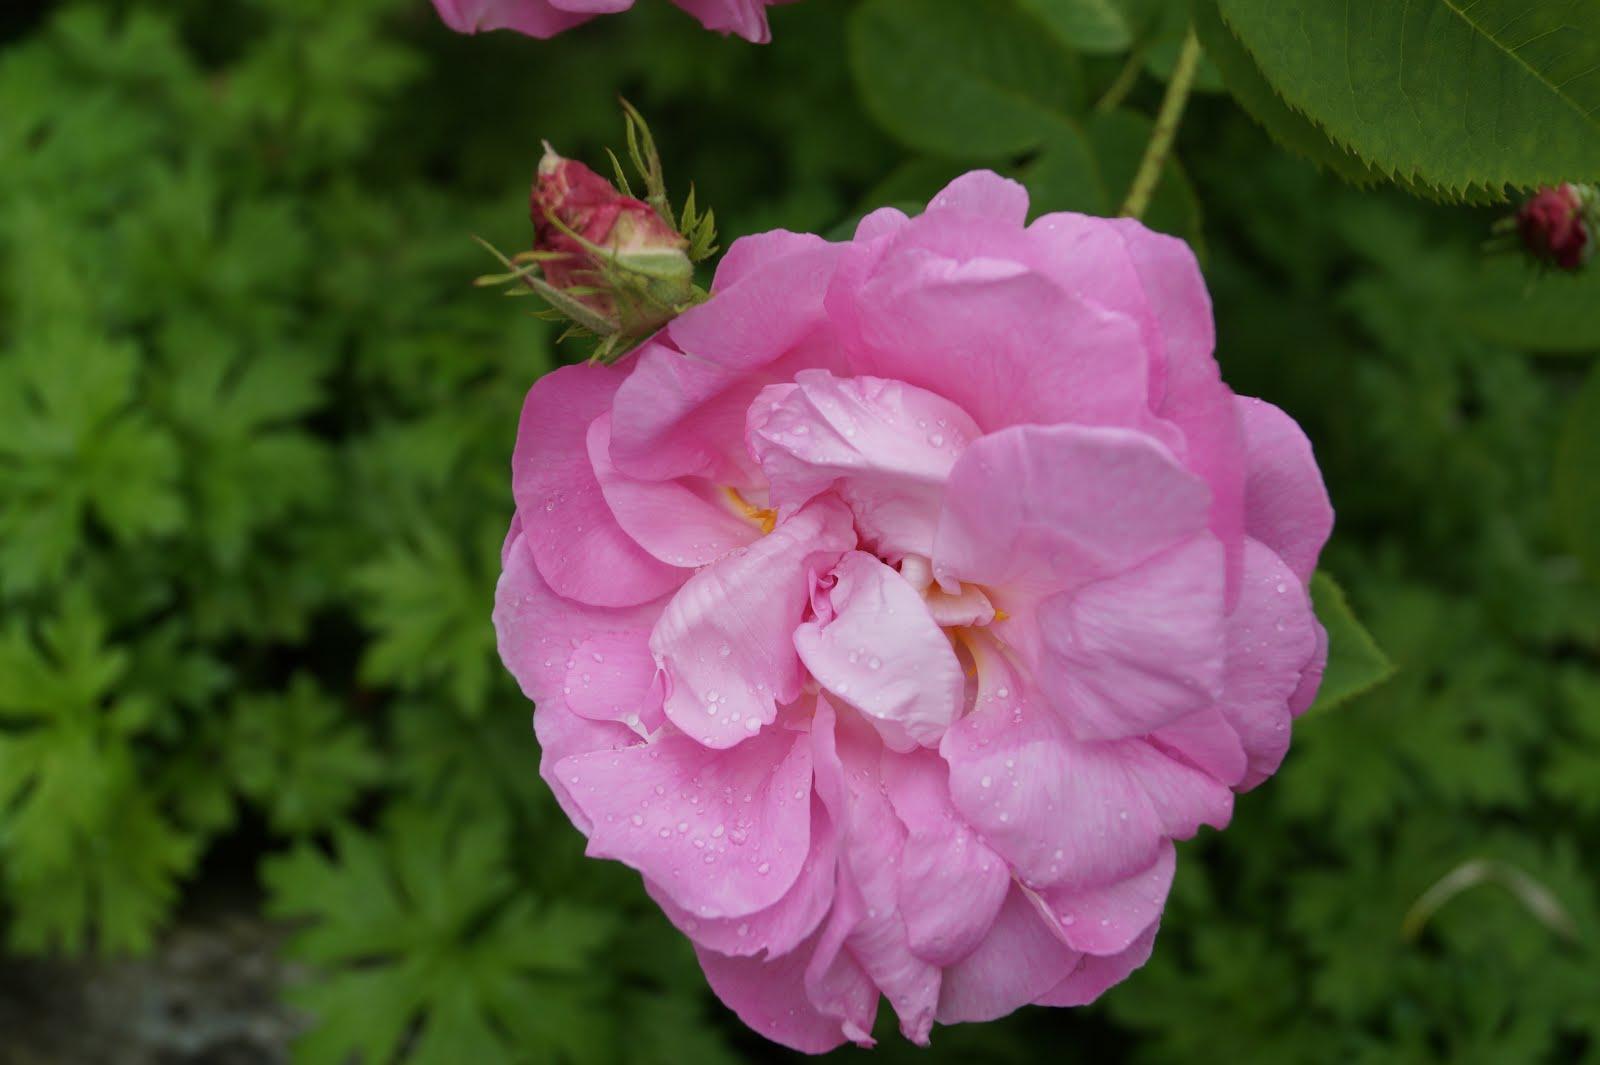 Rosa Celsiana